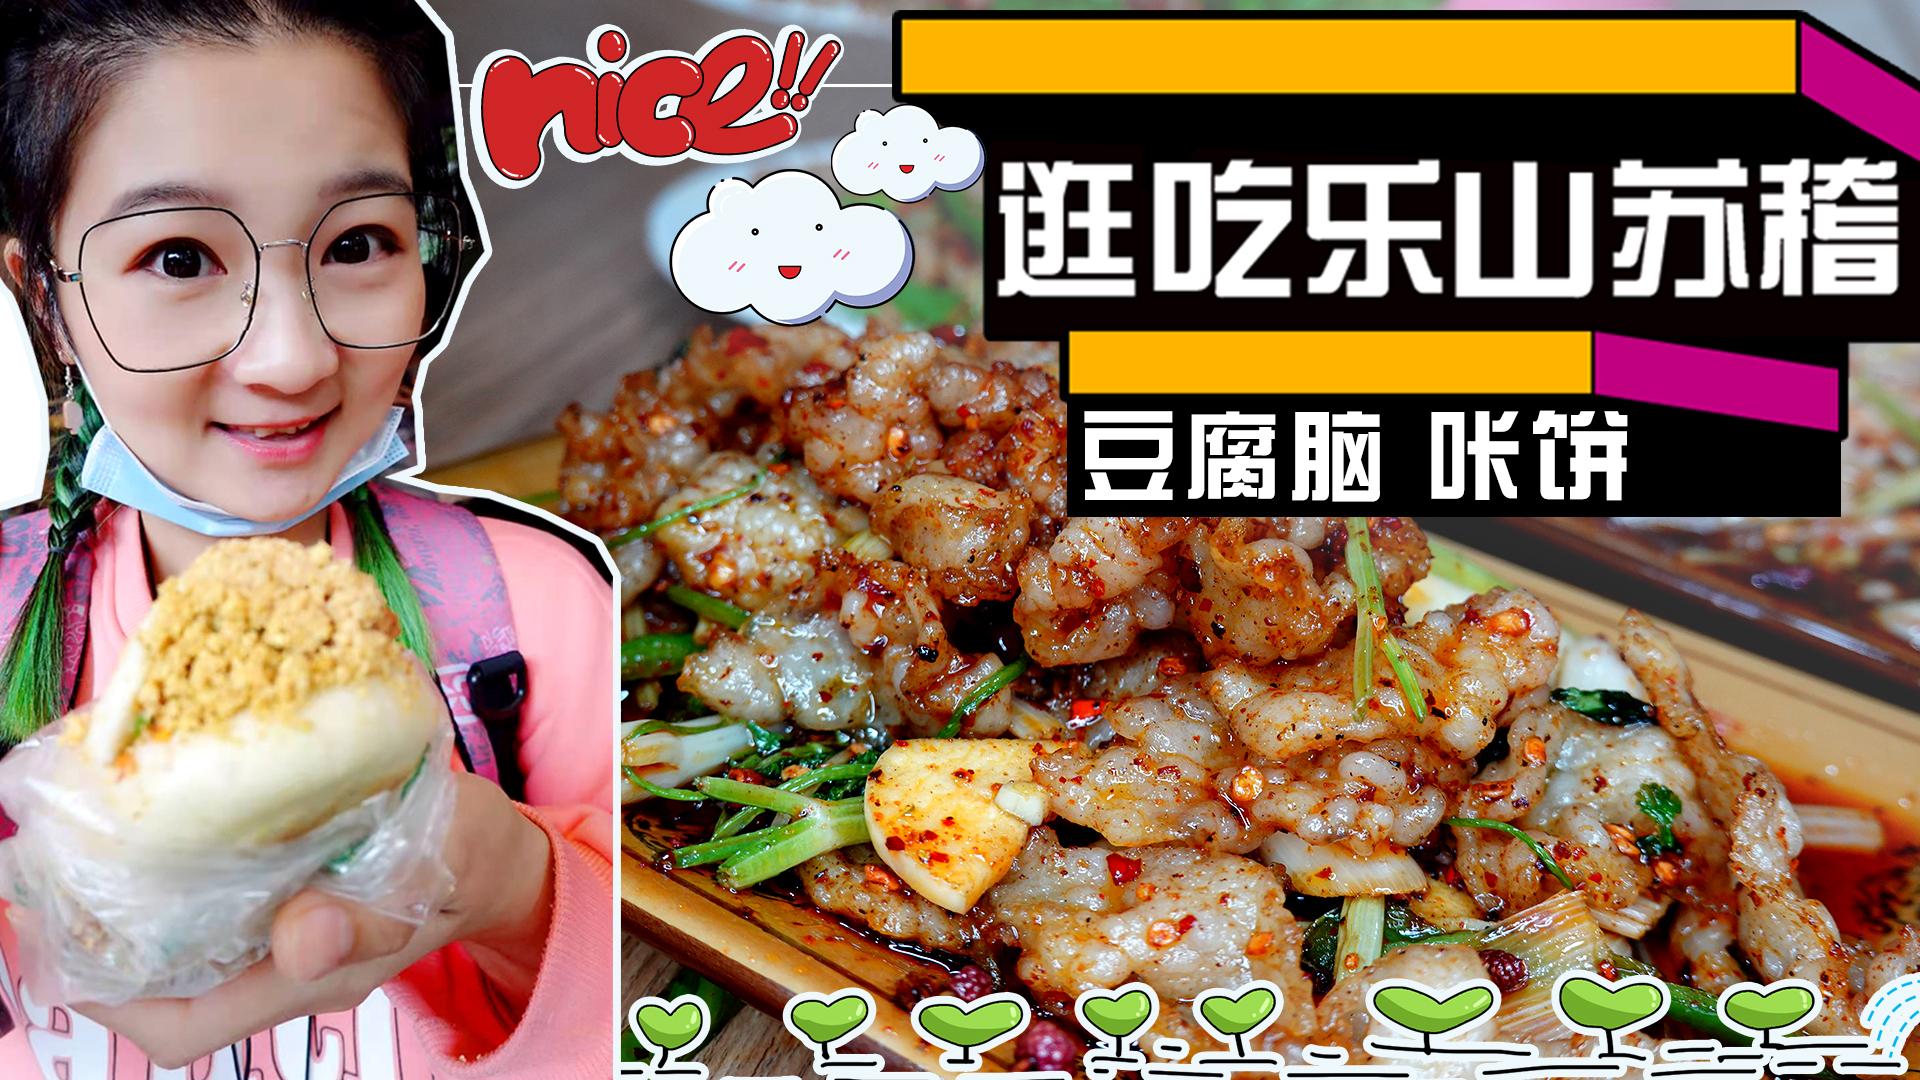 【逛吃乐山】到苏稽吃盖满蒸肉的豆腐脑;6元1个咔饼排队1小时